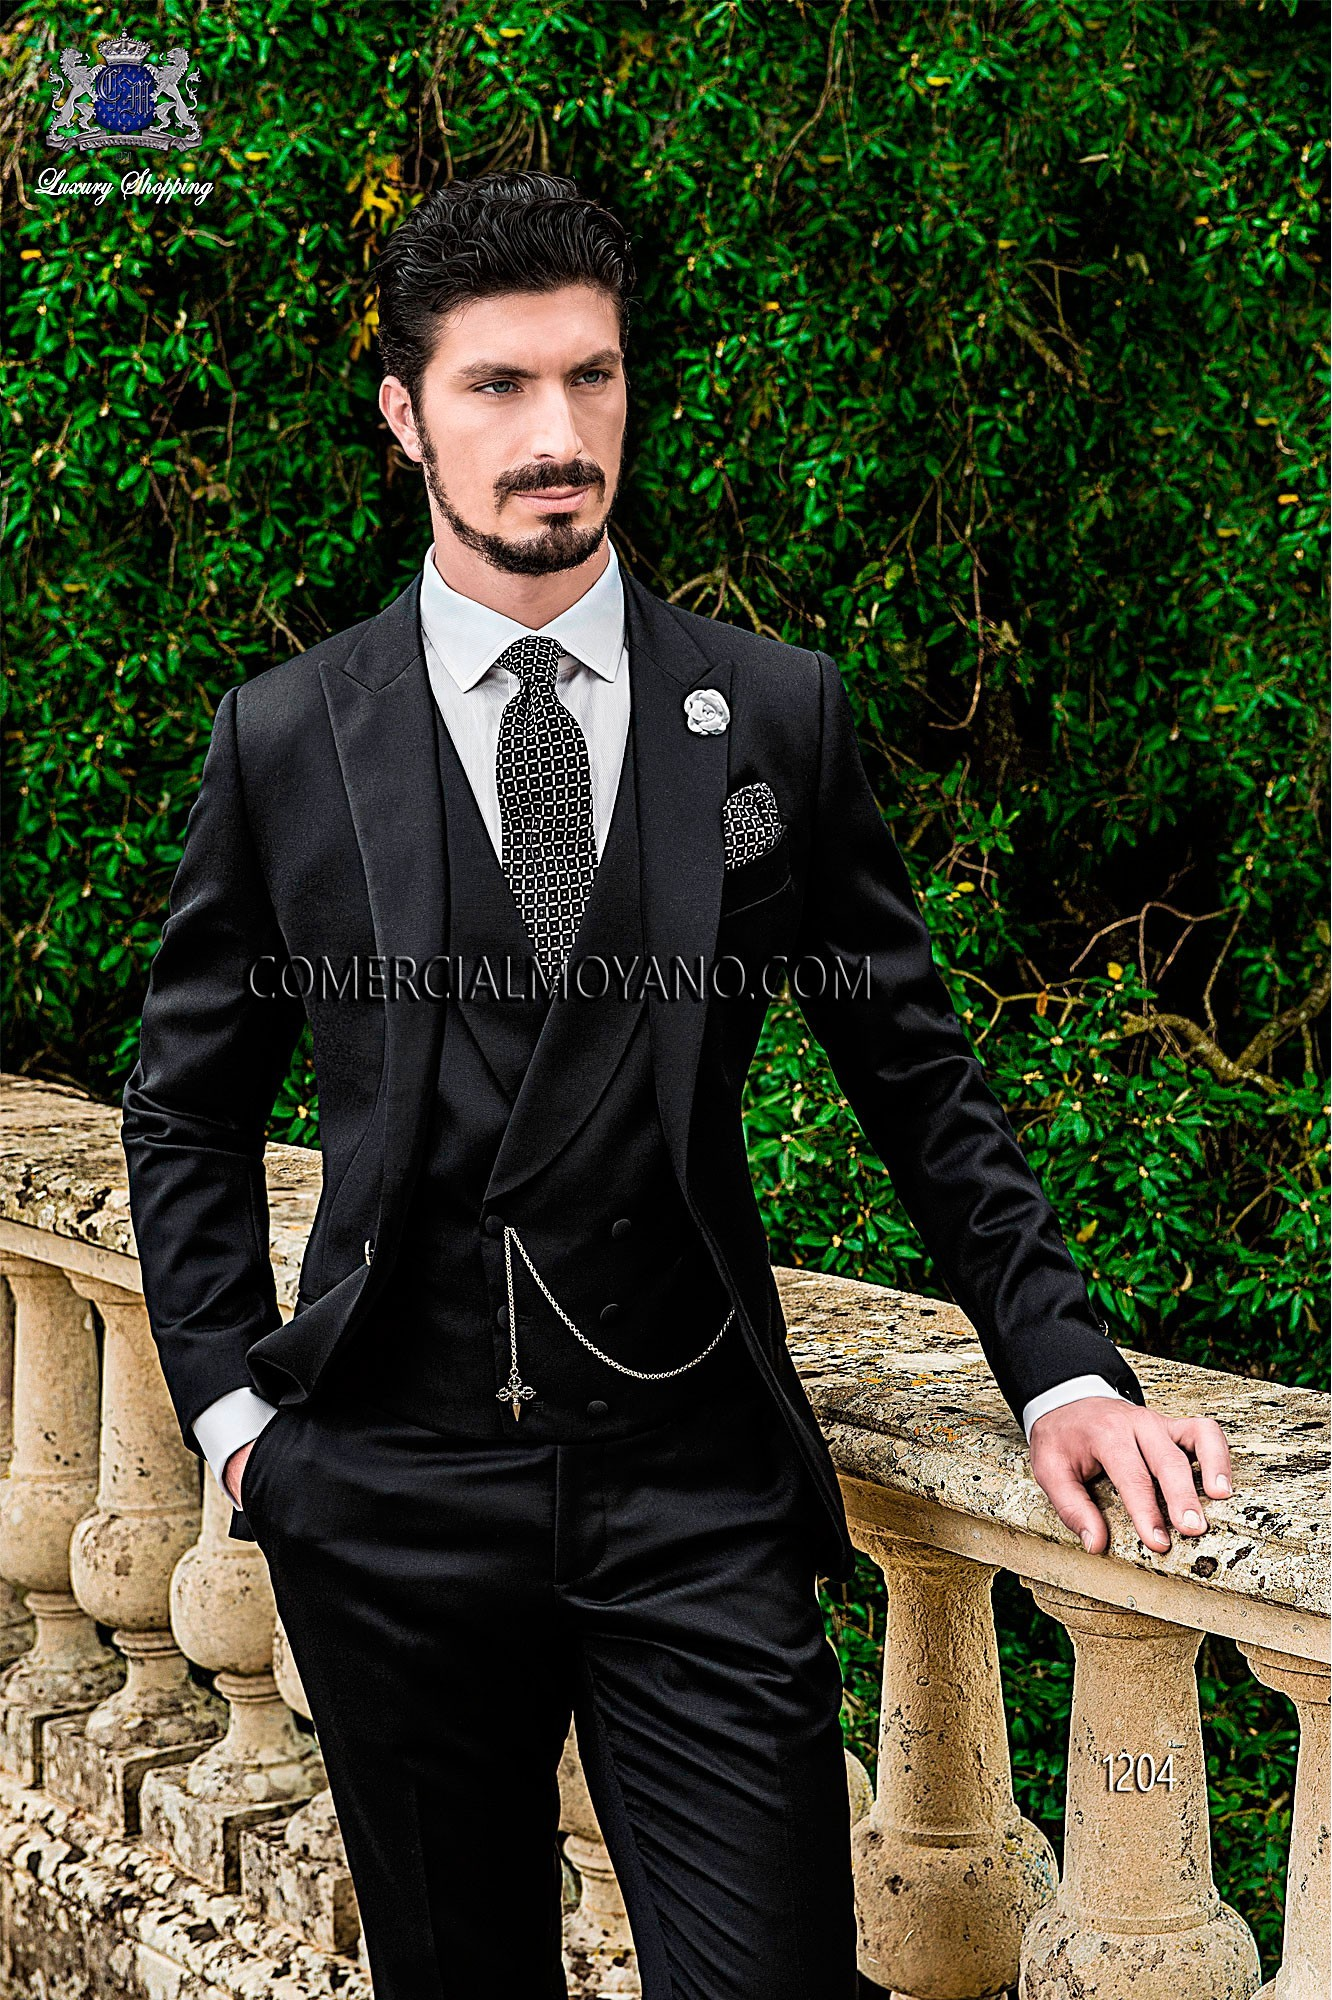 Traje de novio italiano negro modelo: 1204 Ottavio Nuccio Gala colección Gentleman